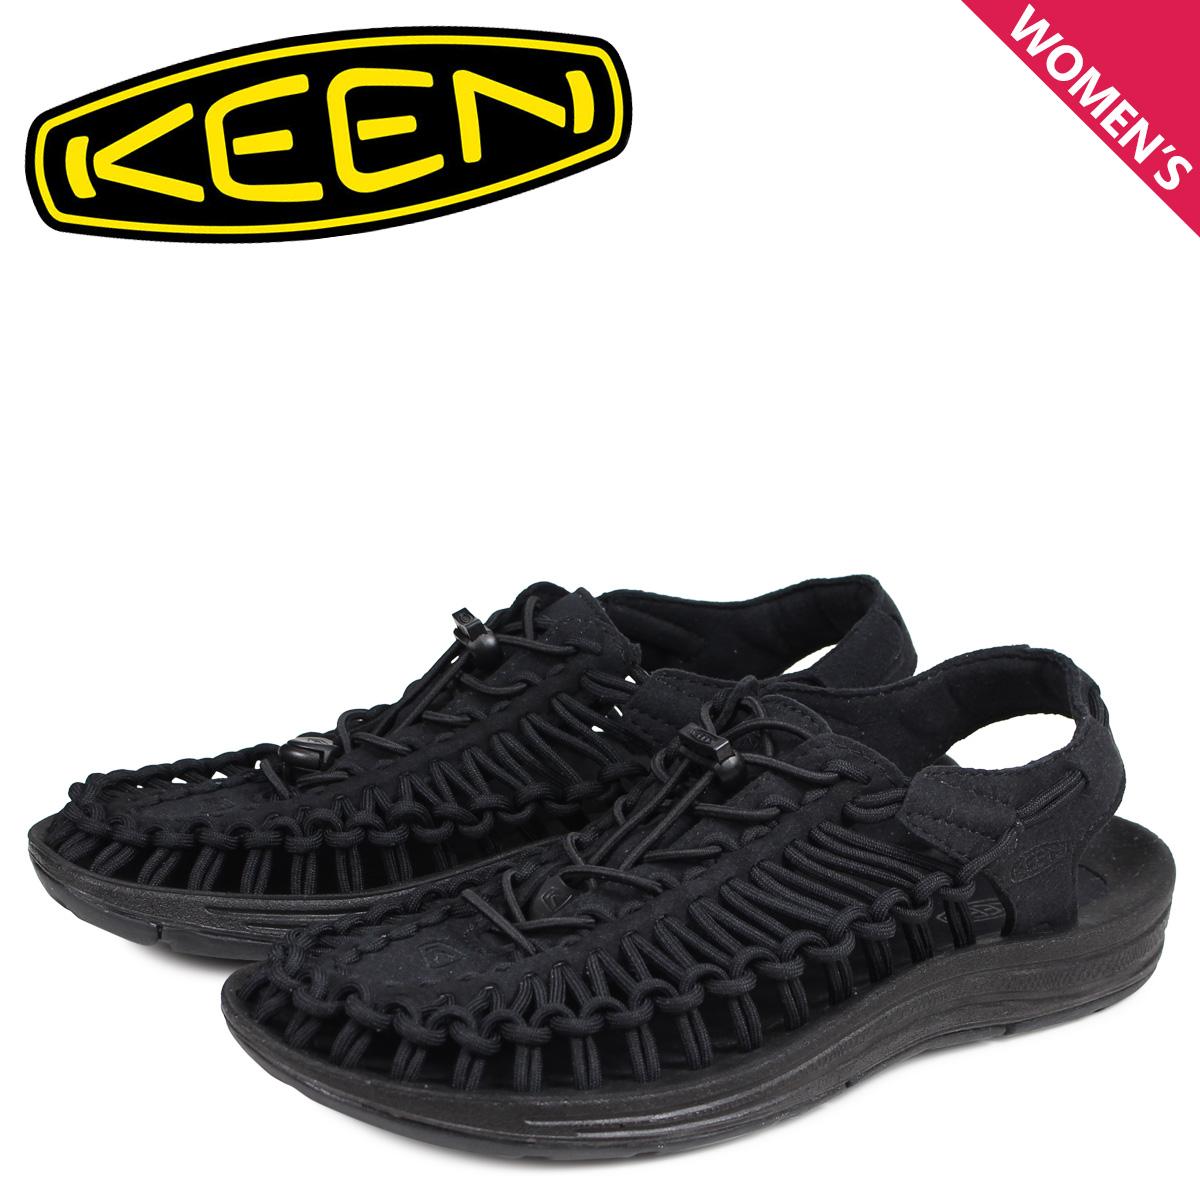 KEEN キーン ユニーク サンダル スポーツサンダル レディース UNEEK ブラック 黒 1014099